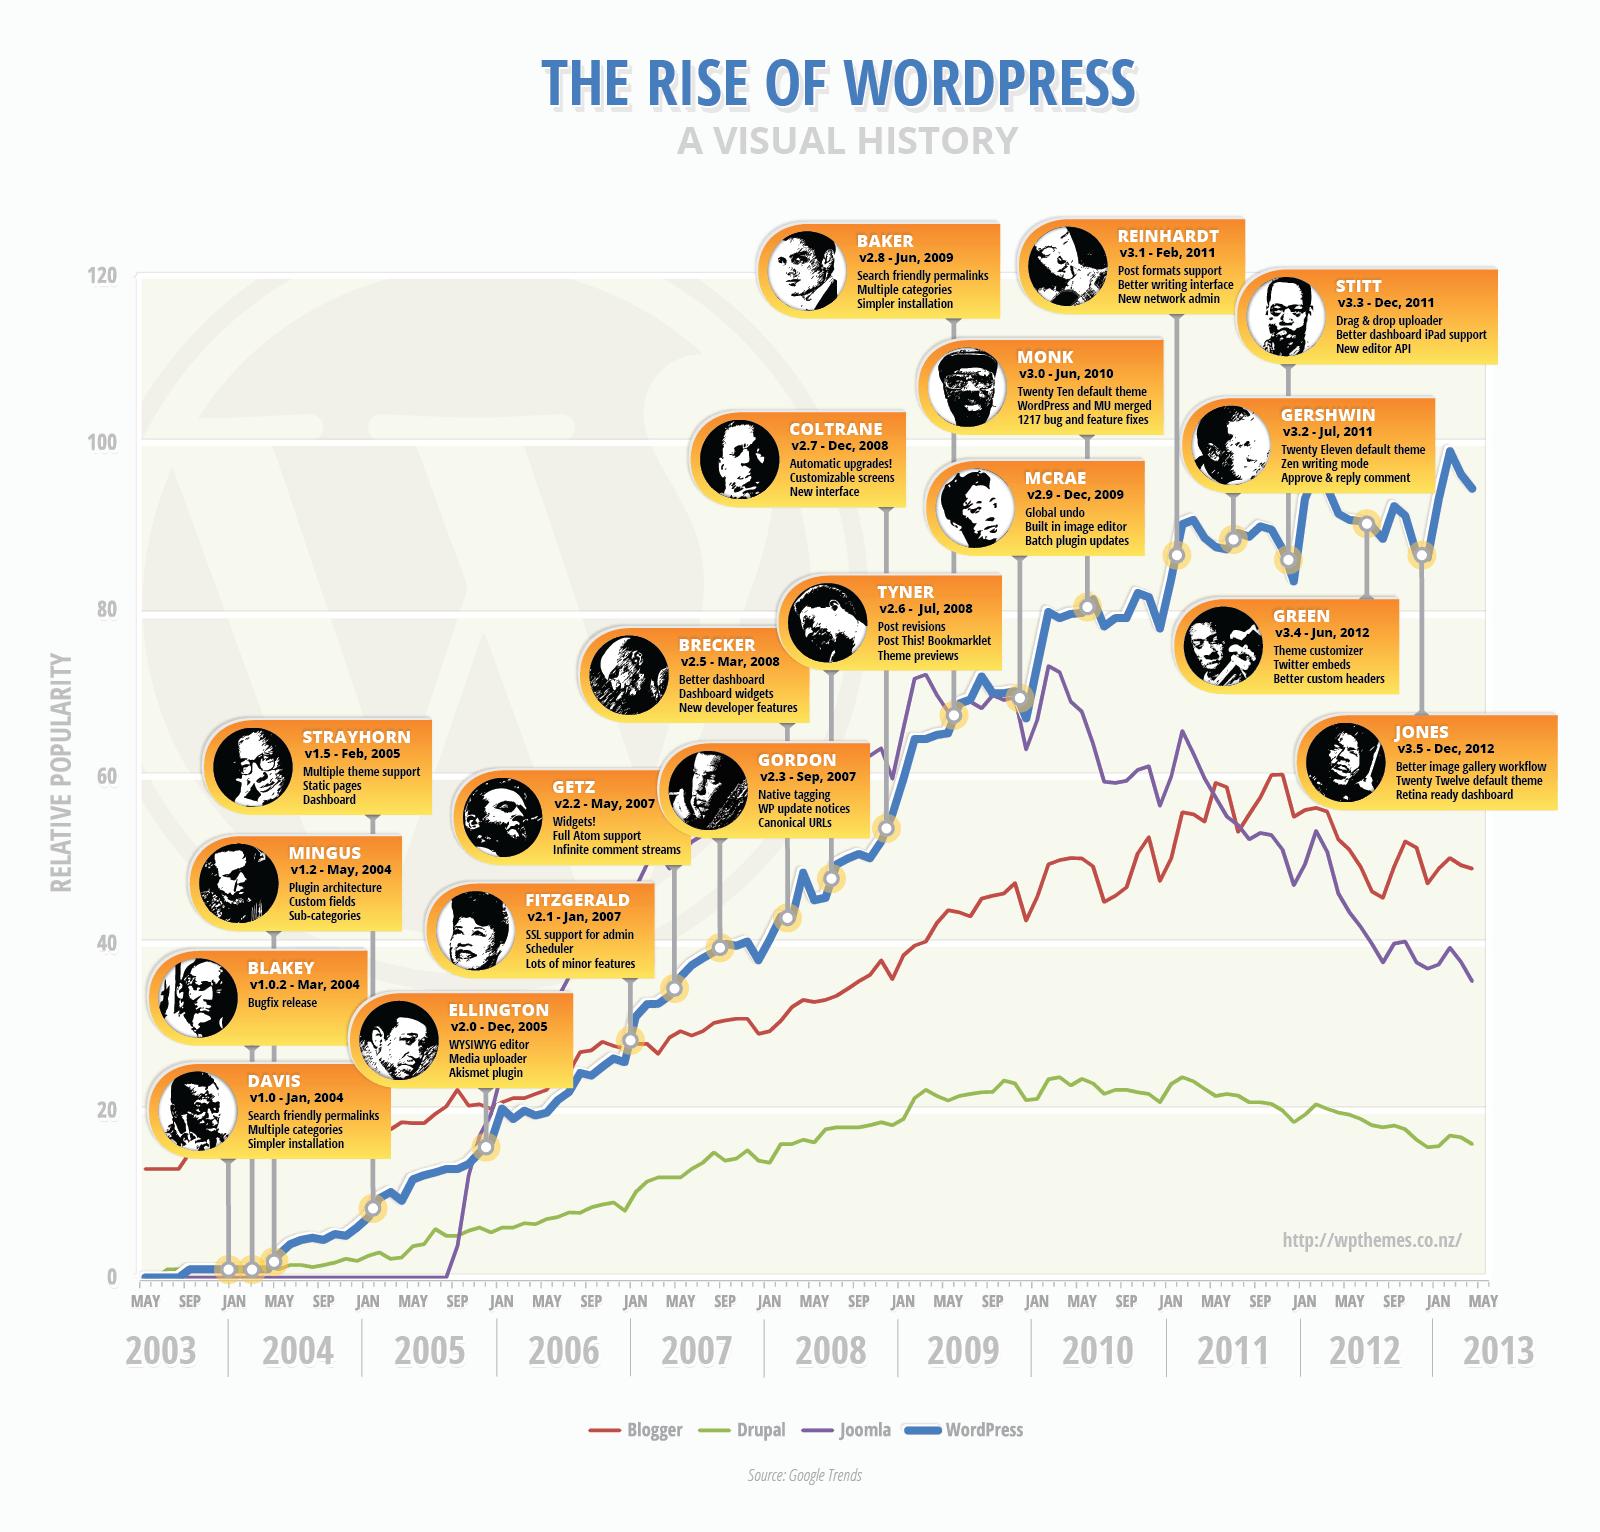 Historia visual del crecimiento de WordPress